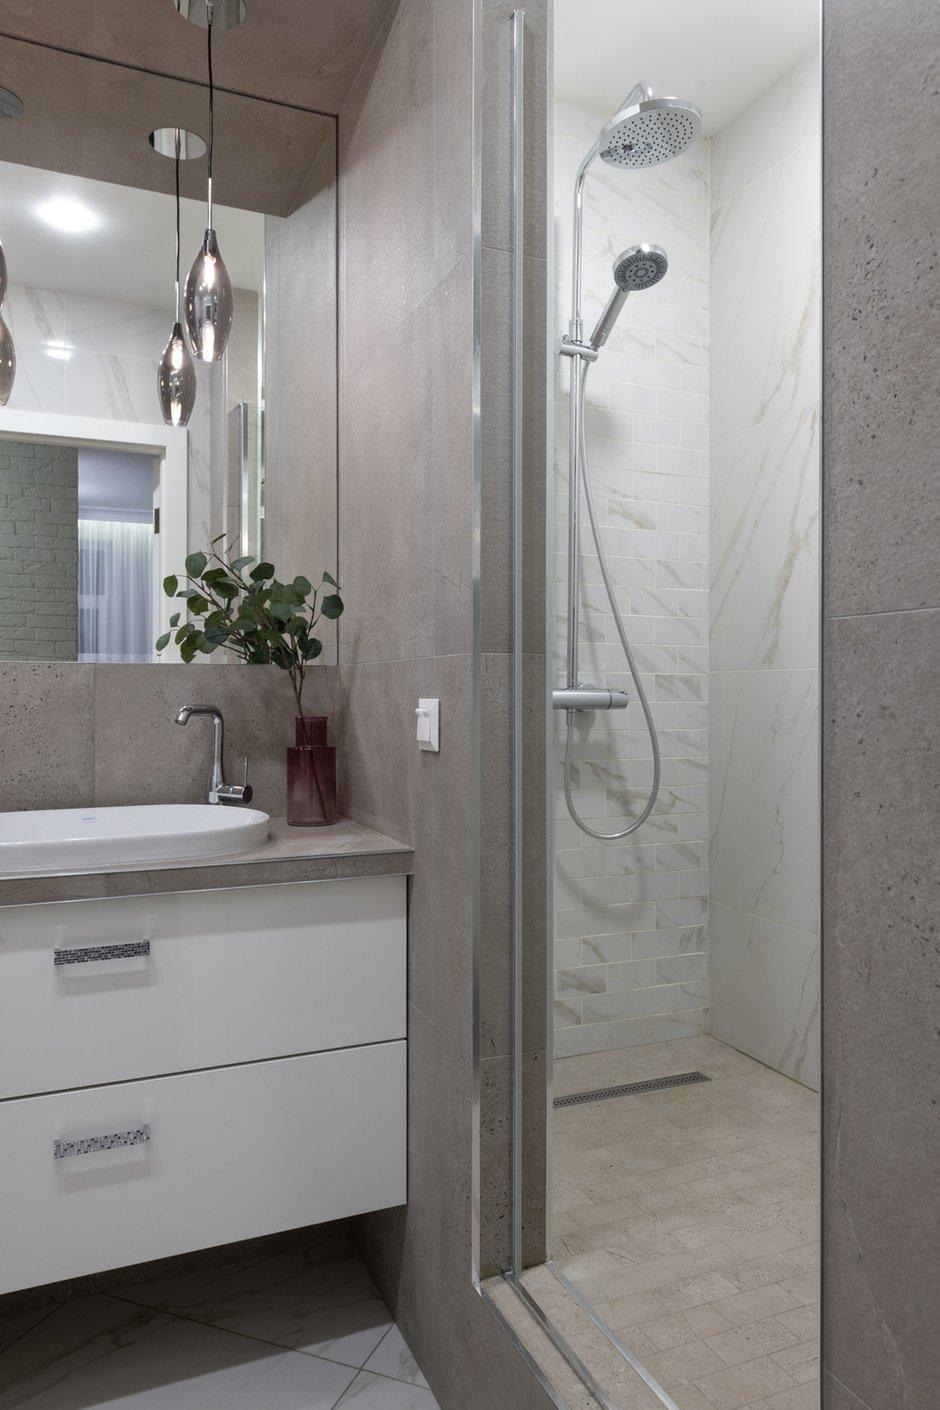 Фотография: Ванная в стиле Современный, Эклектика, Квартира, Советы, 2 комнаты, 60-90 метров, Юлия Горбунова – фото на INMYROOM